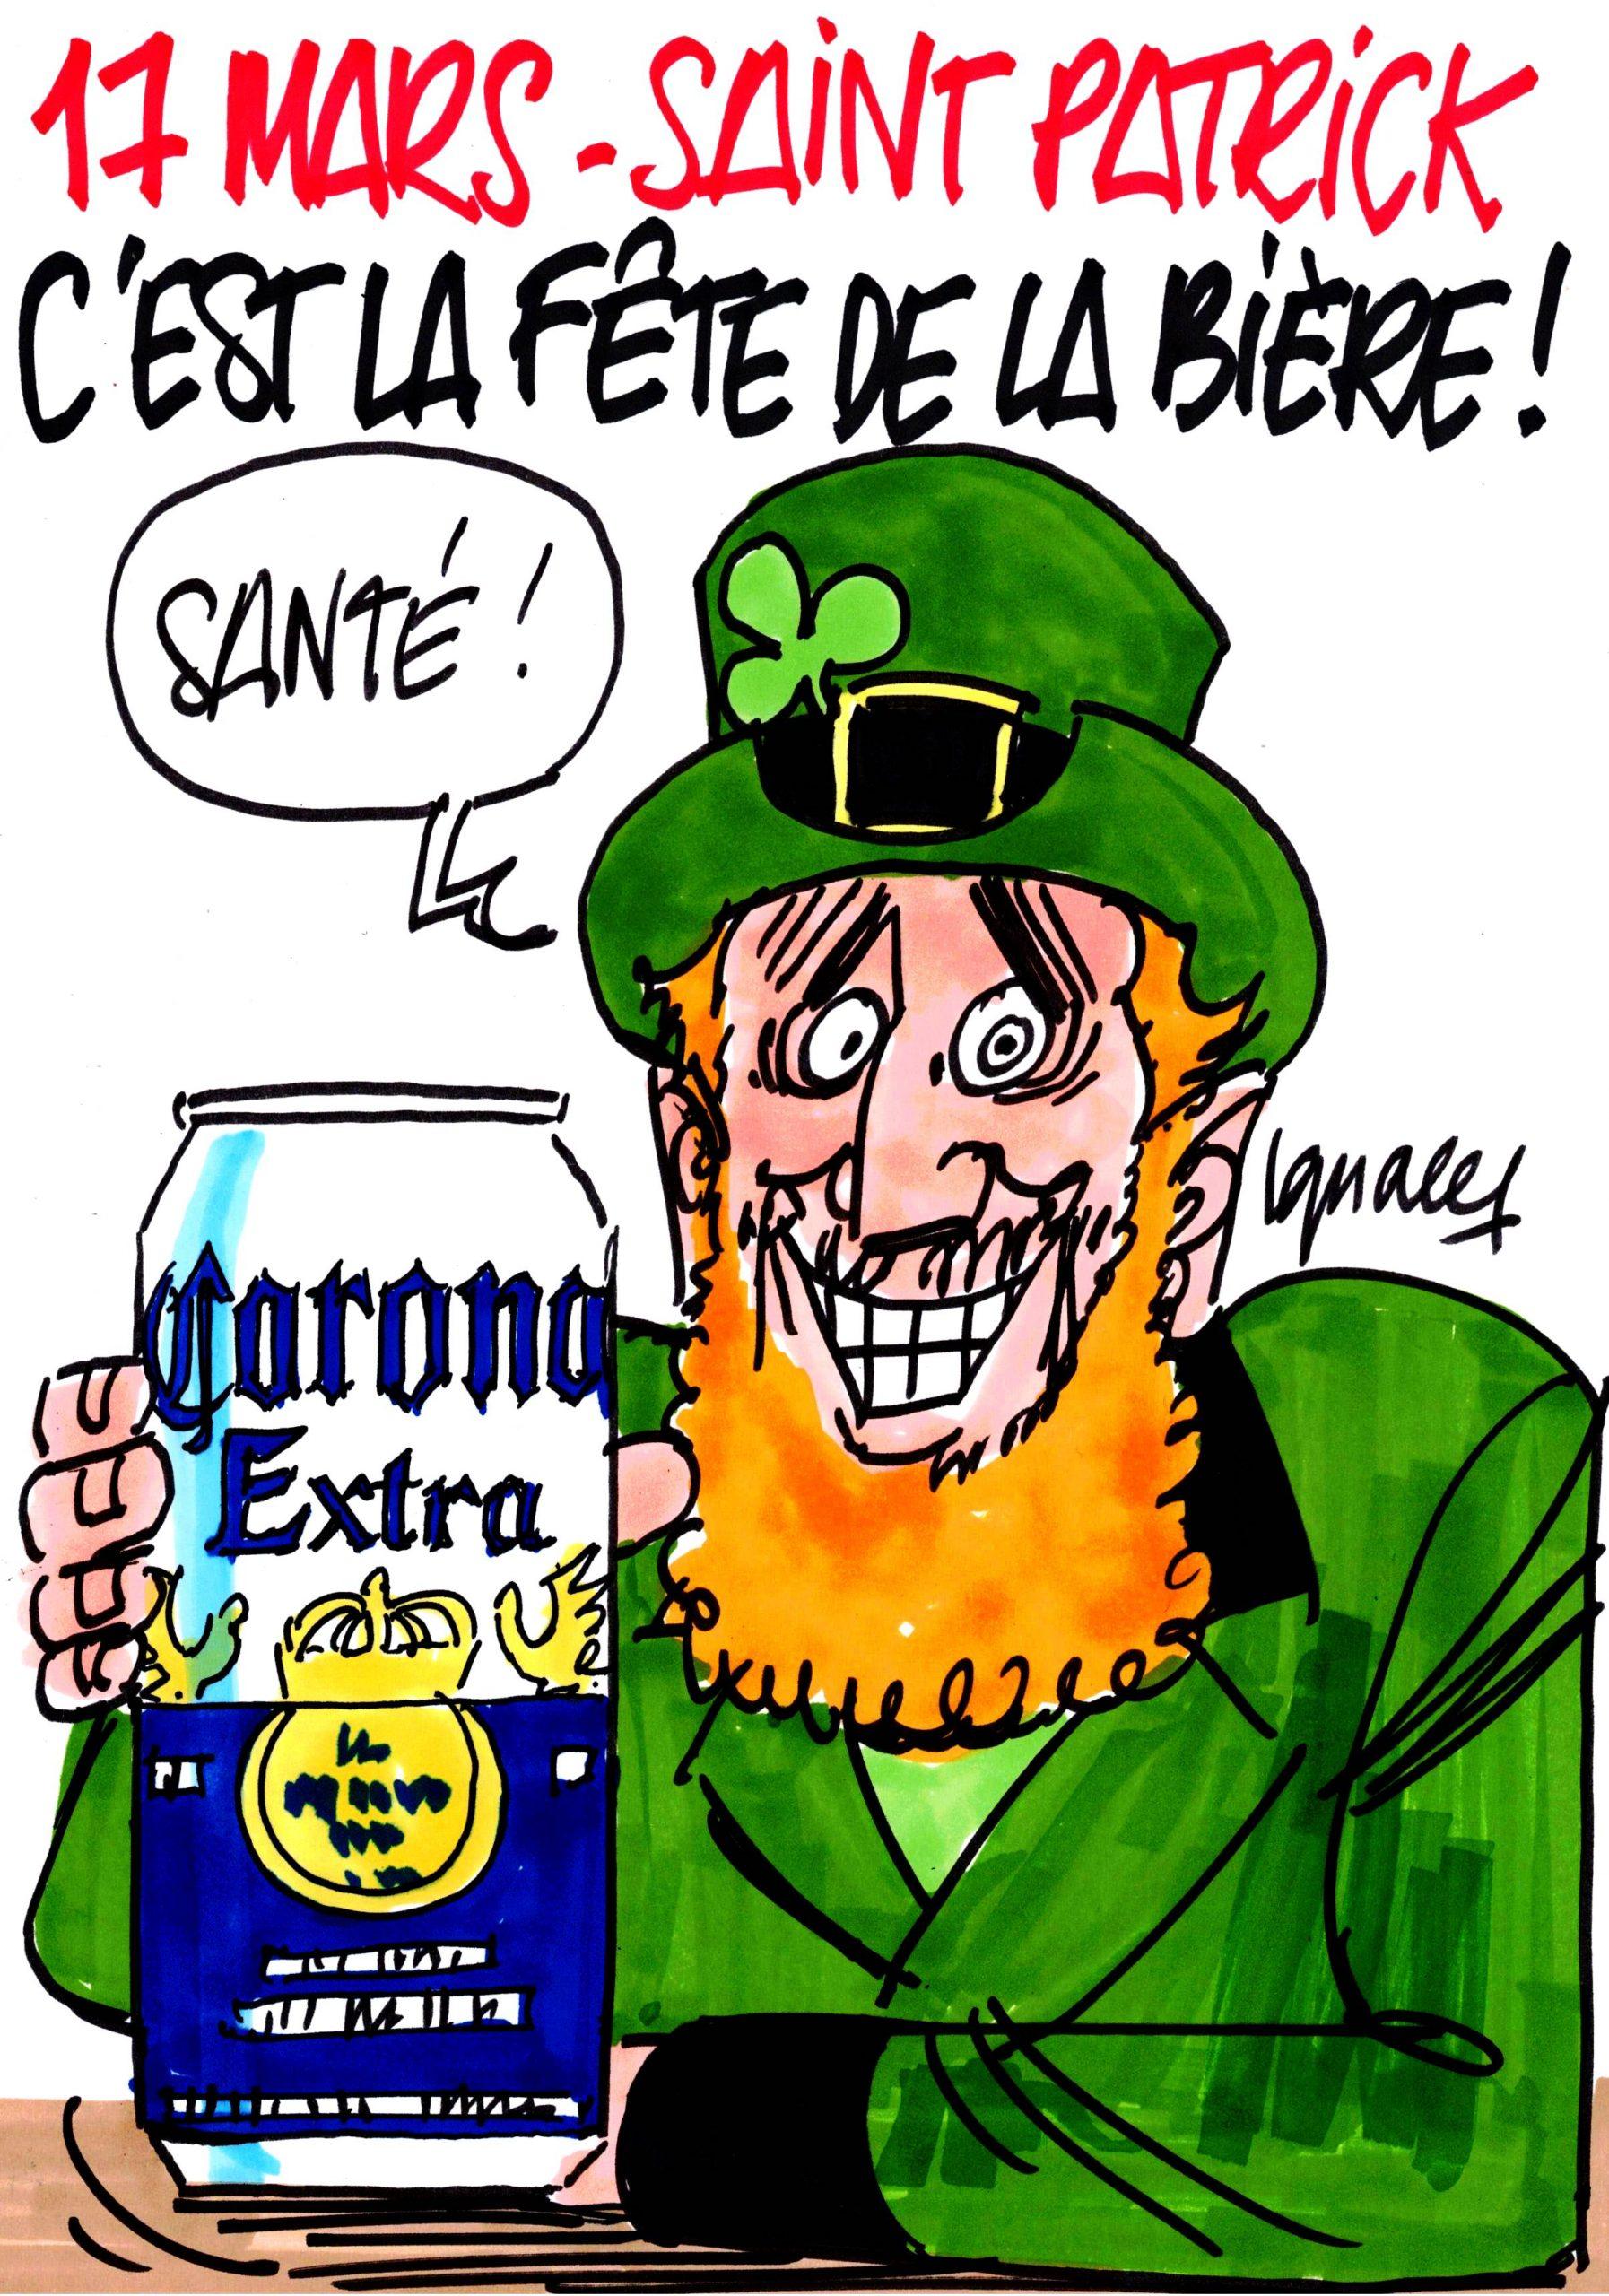 Ignace - C'est la saint Patrick !